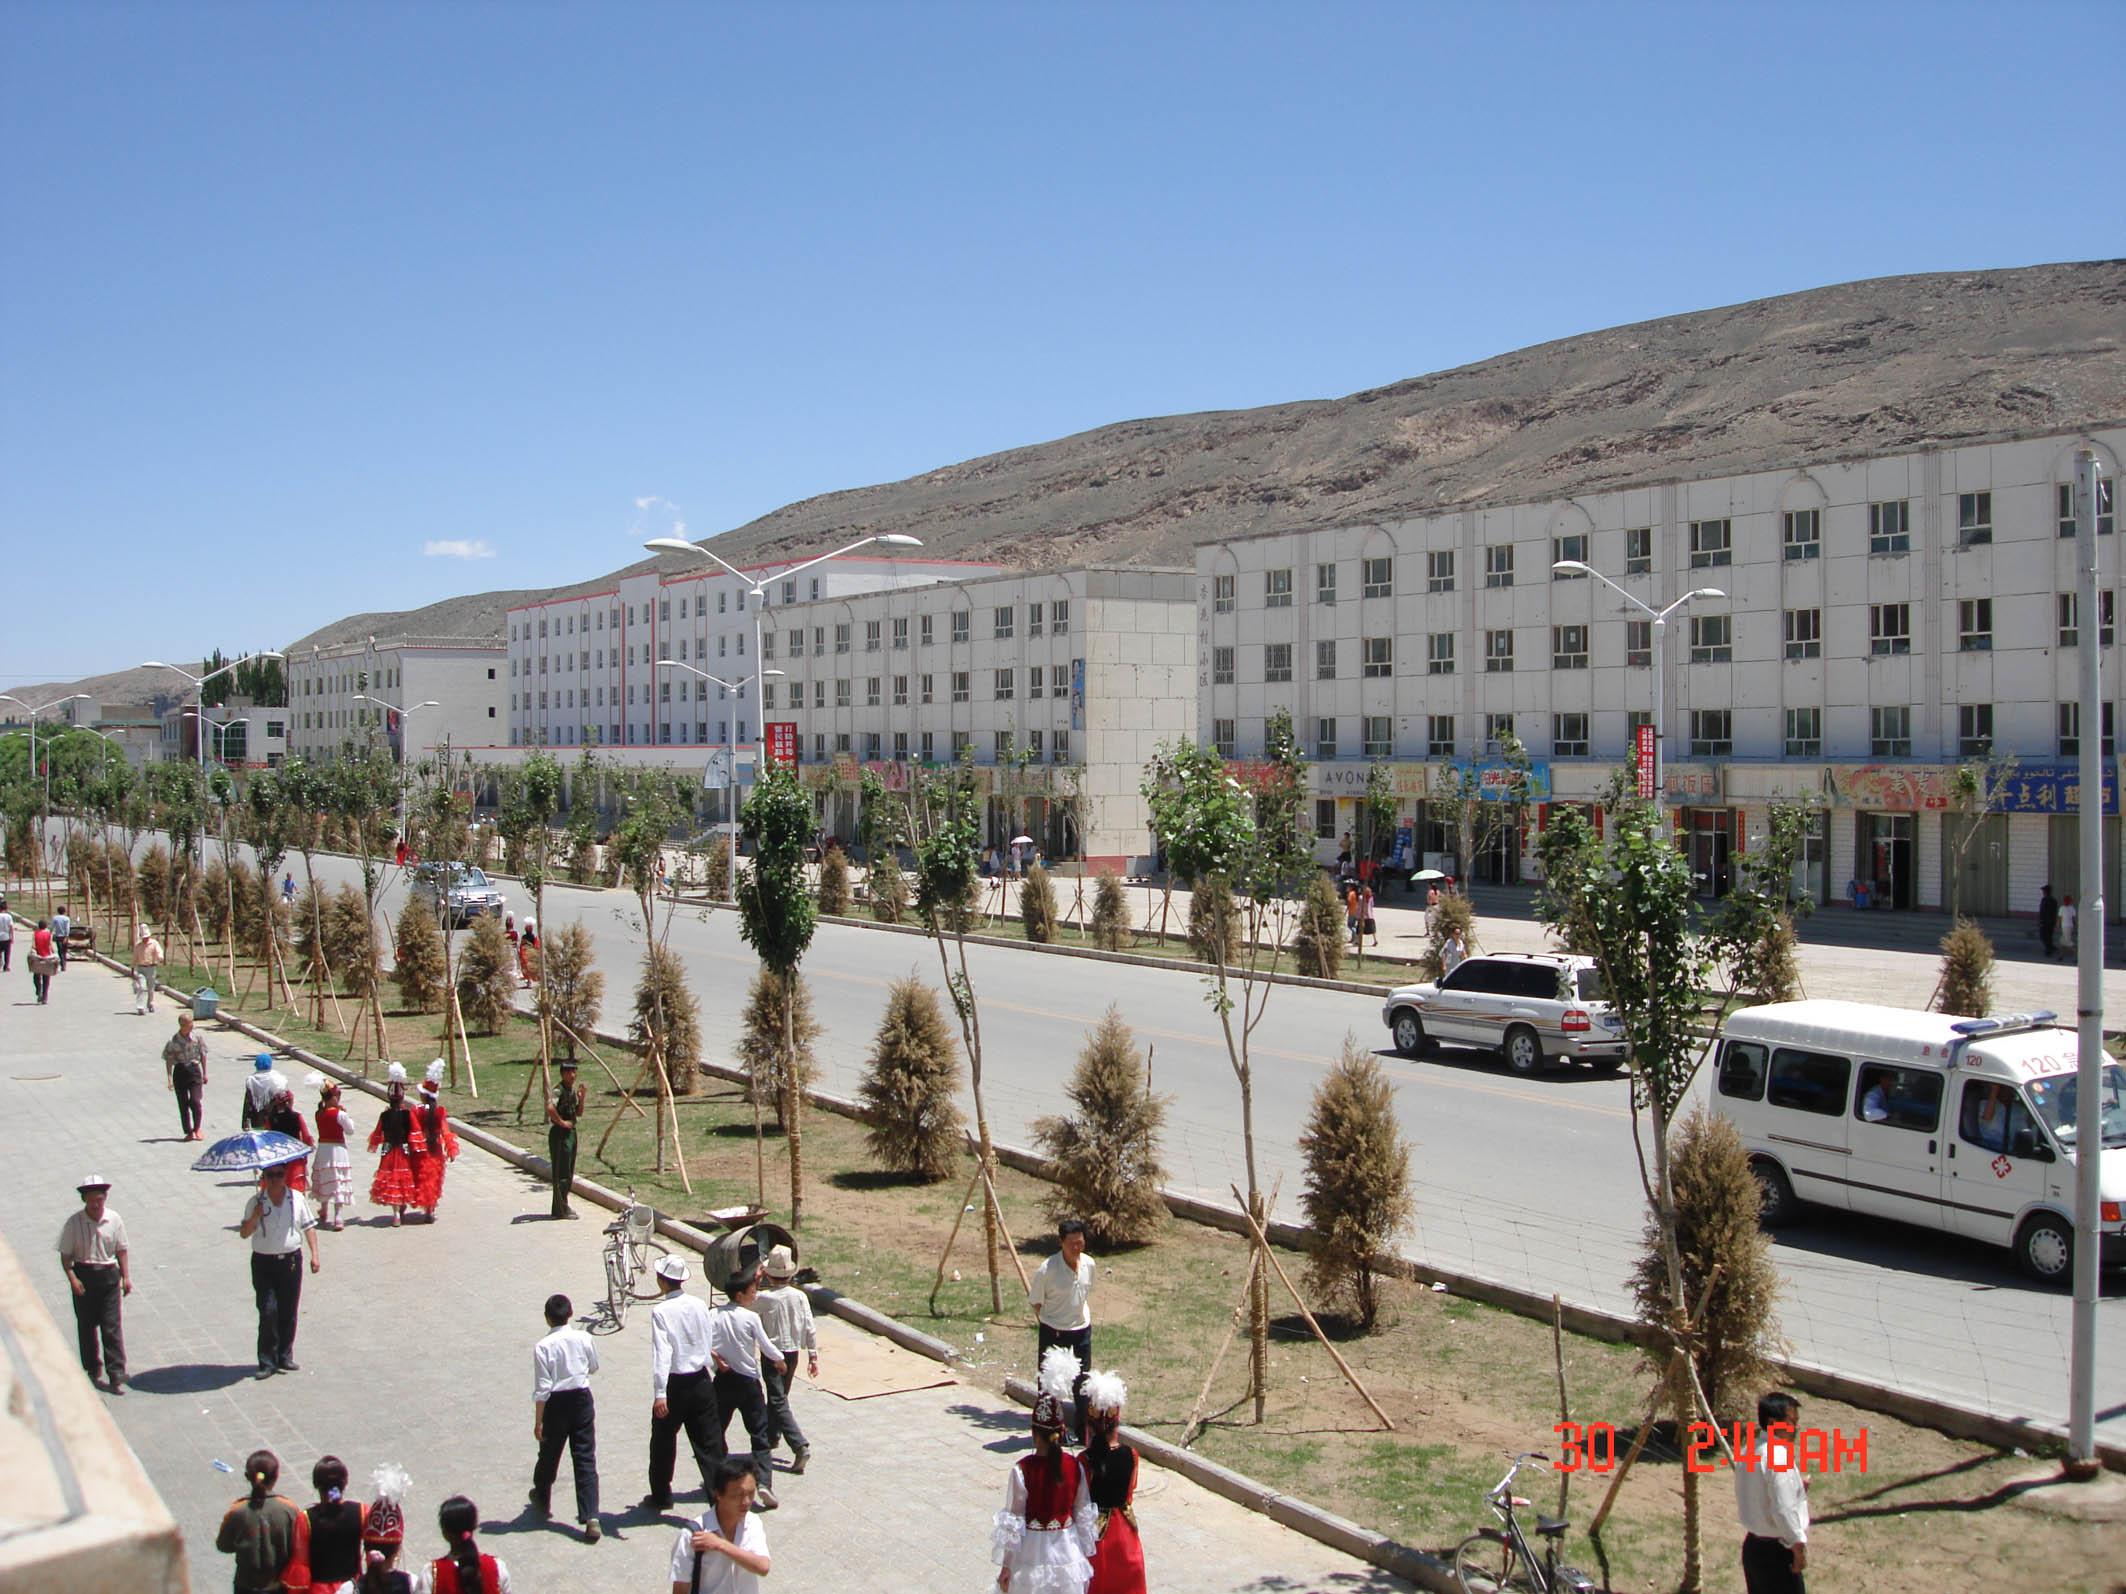 阿合奇县位于克孜勒苏柯尔克孜自治州北部,天山南麓托什干河上游。东与乌什县、柯坪县毗邻,南与巴楚县、阿图什市交界,北、西与吉尔吉斯斯坦接壤(边境线长276公里),总面积1.22万平方公里。辖1镇、5乡,23个村民委员会。县城距乌鲁木齐市1184公里。 1995年末总人口为3.